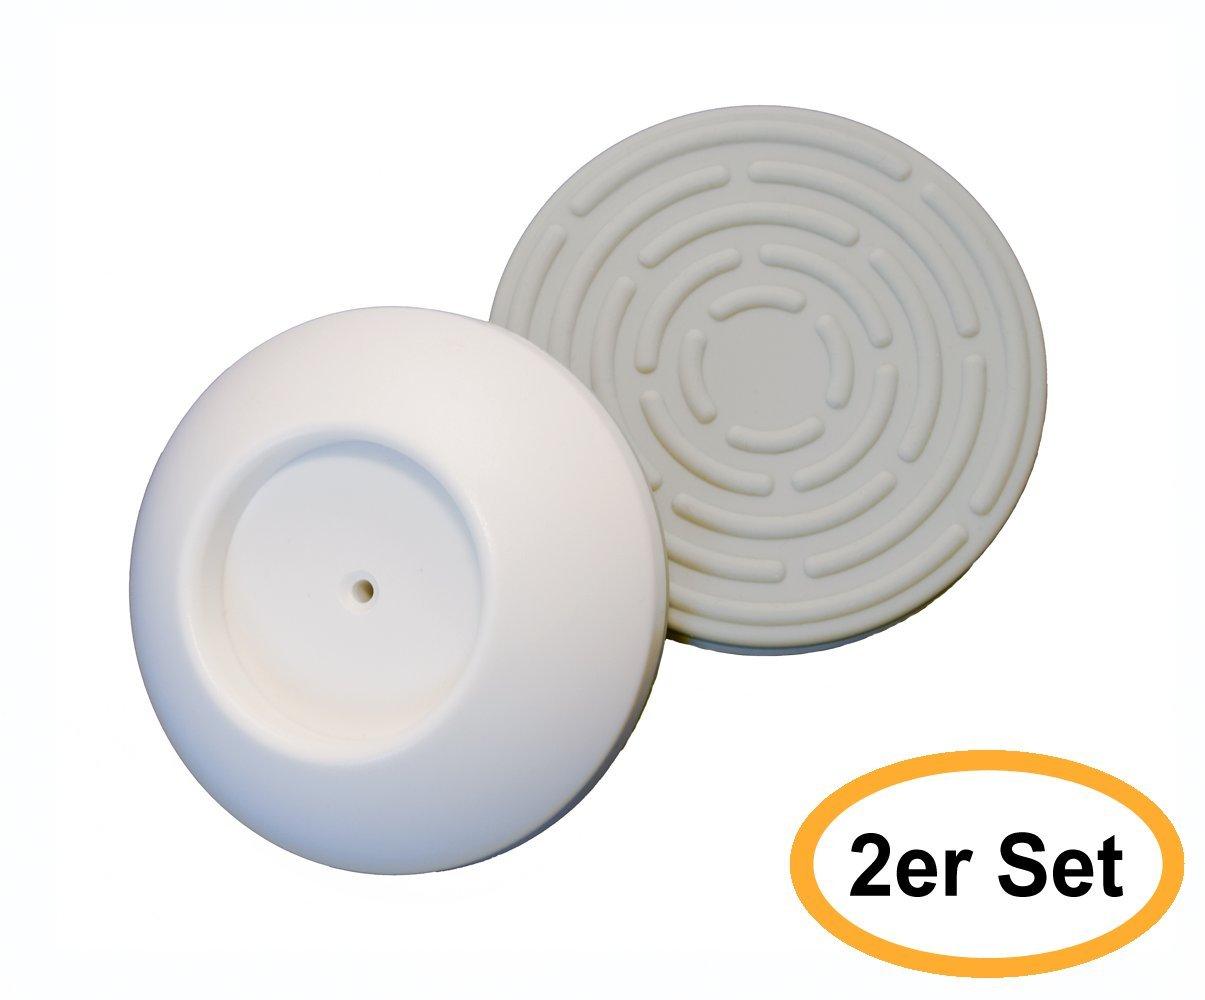 Sicherheits-Wandschutz - 2er Set für alle Türgitter und ...